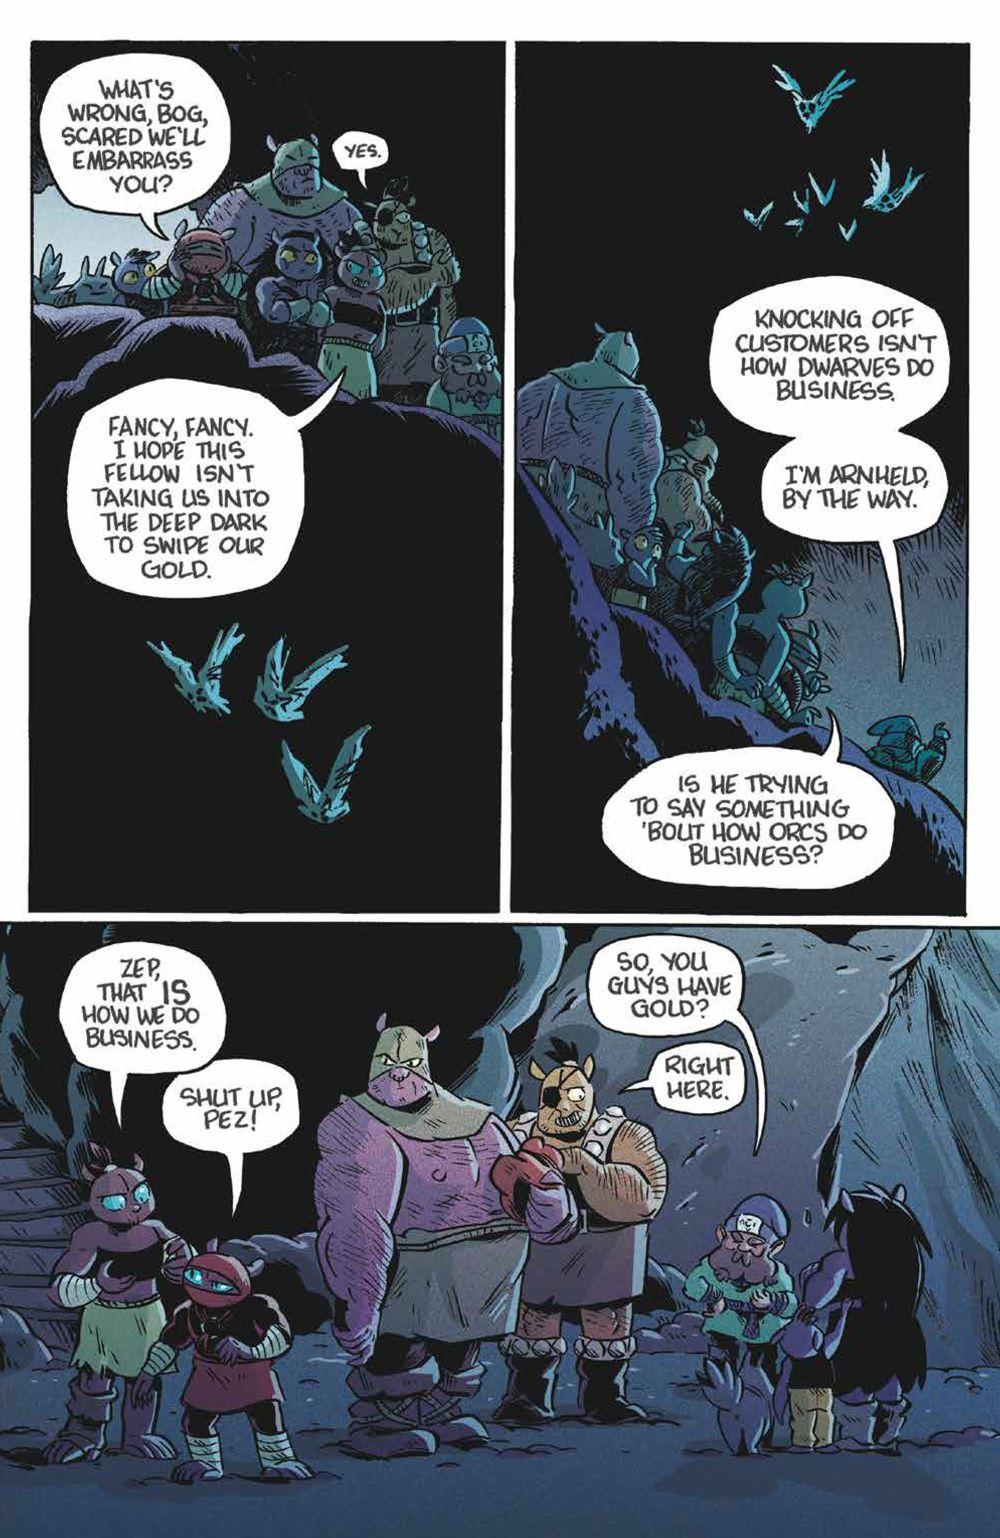 Orcs_004_PRESS_6 ComicList Previews: ORCS! #4 (OF 6)